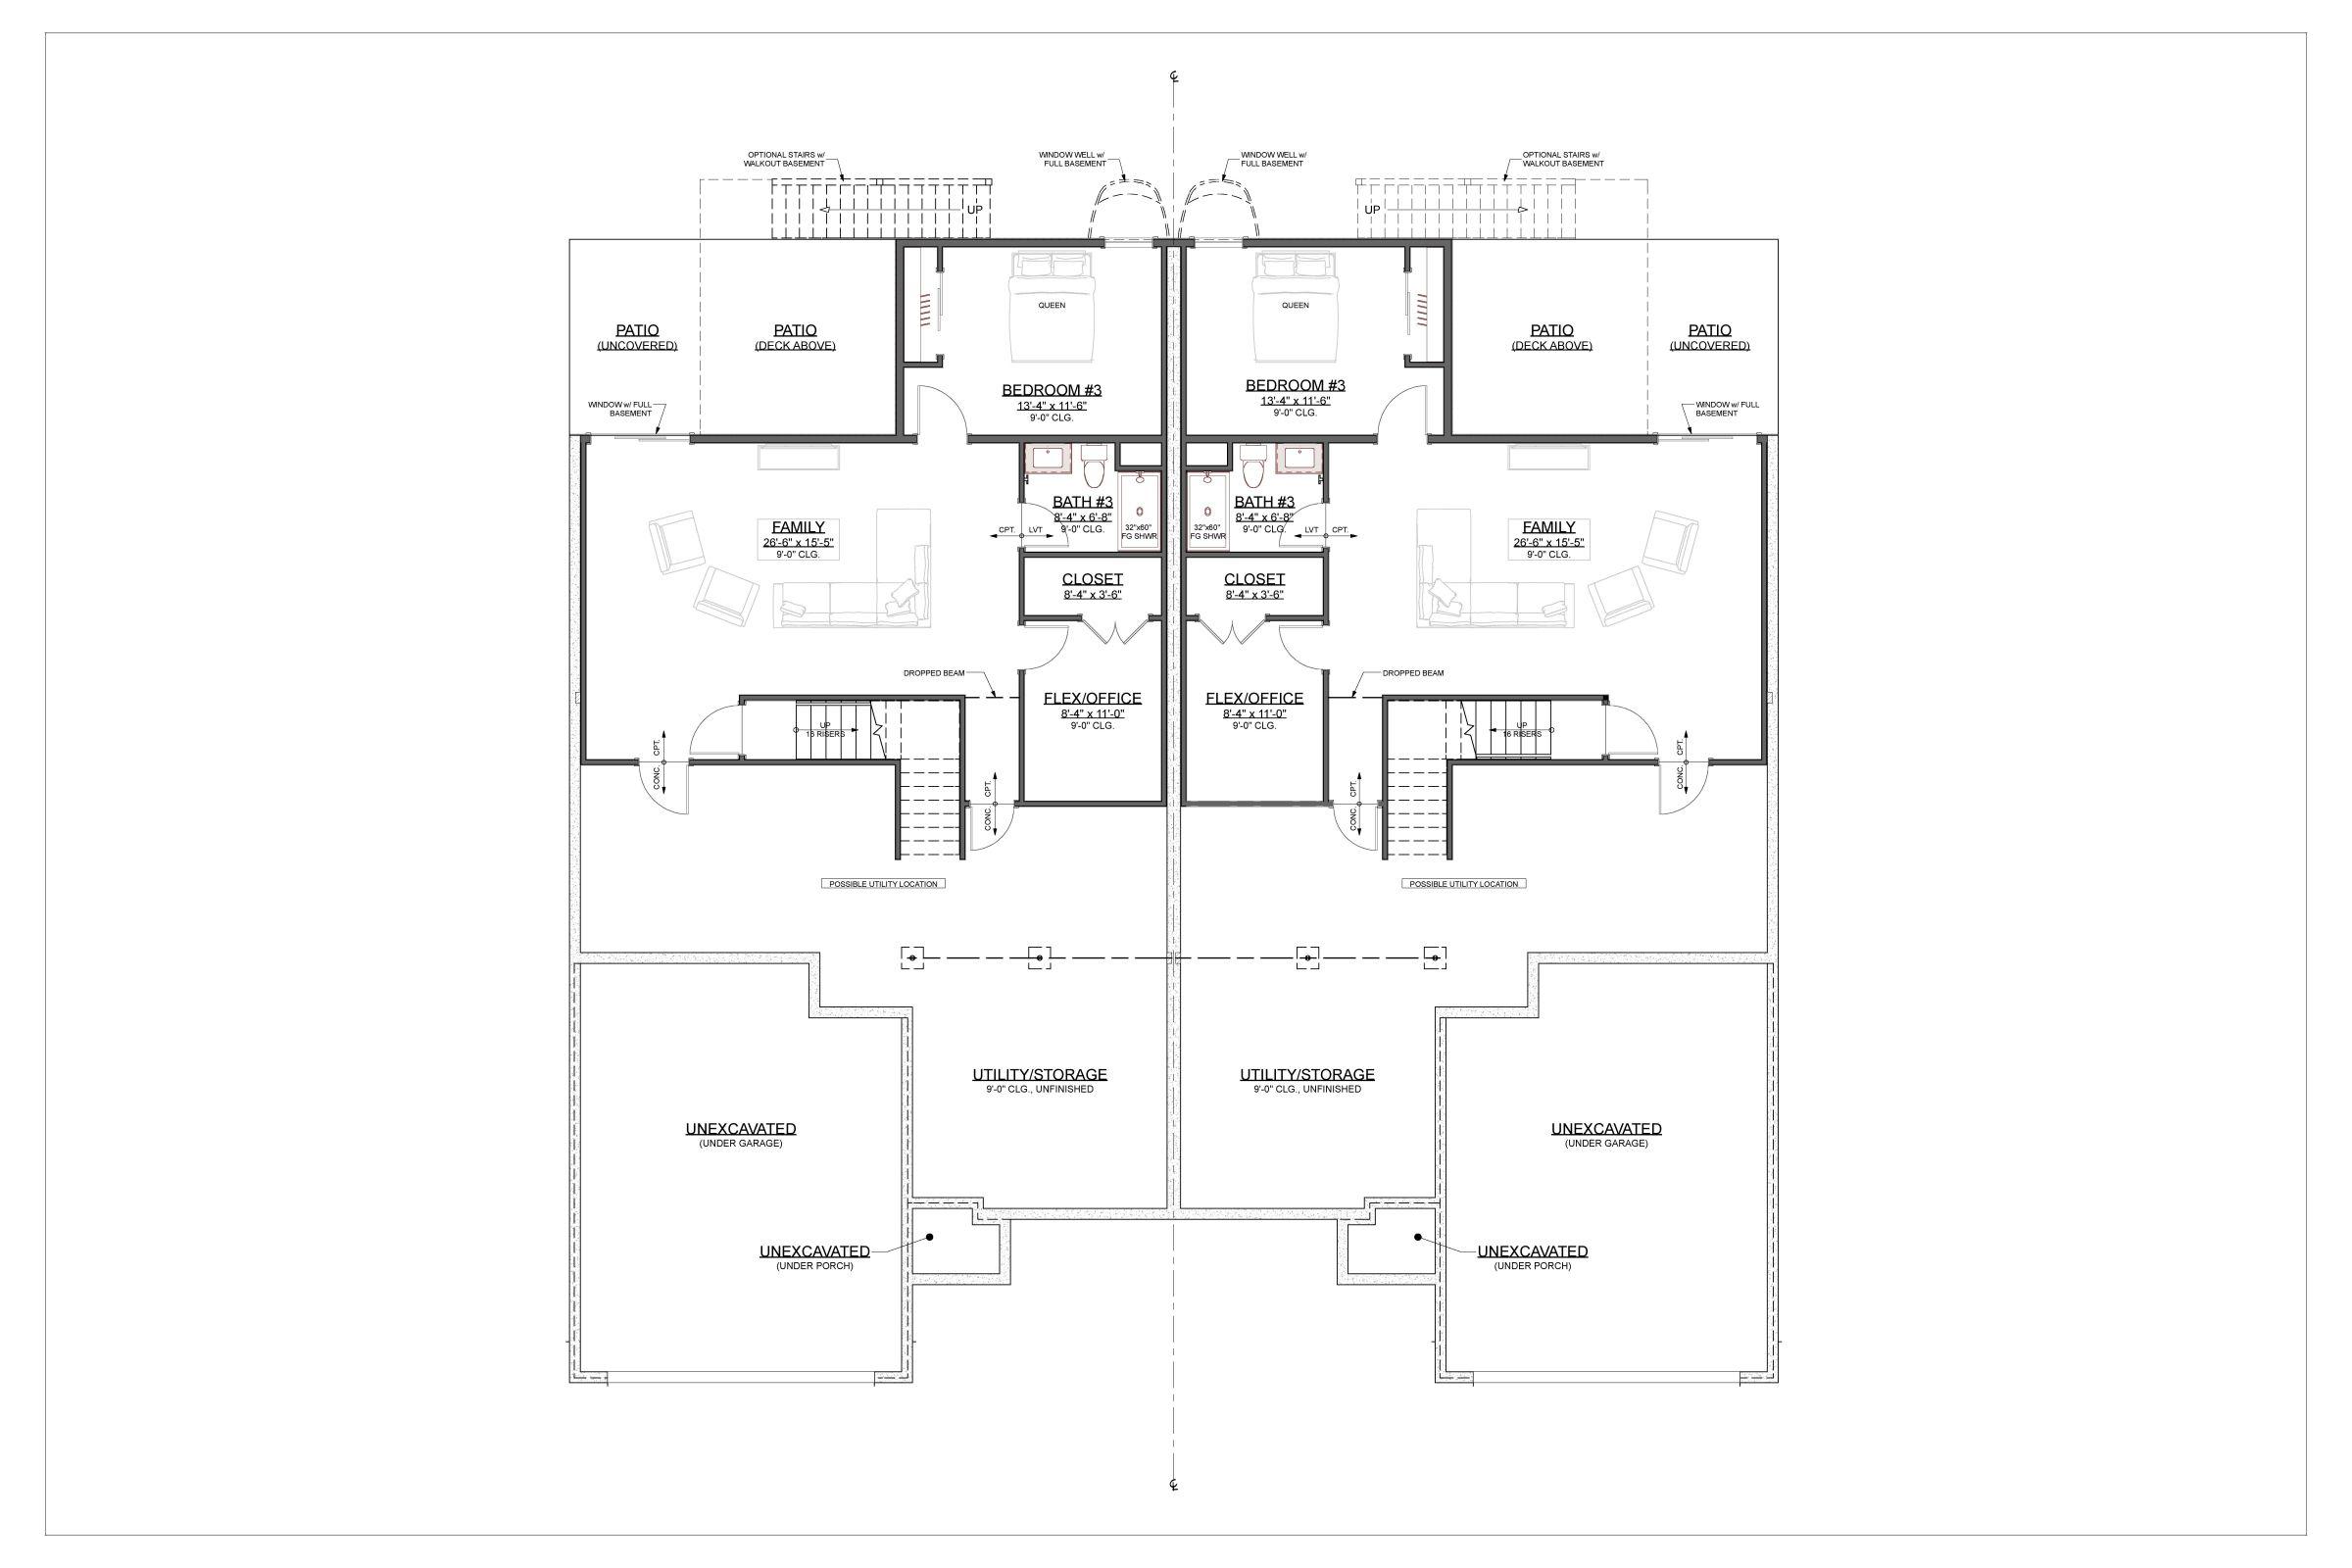 Basement Floor Rendering